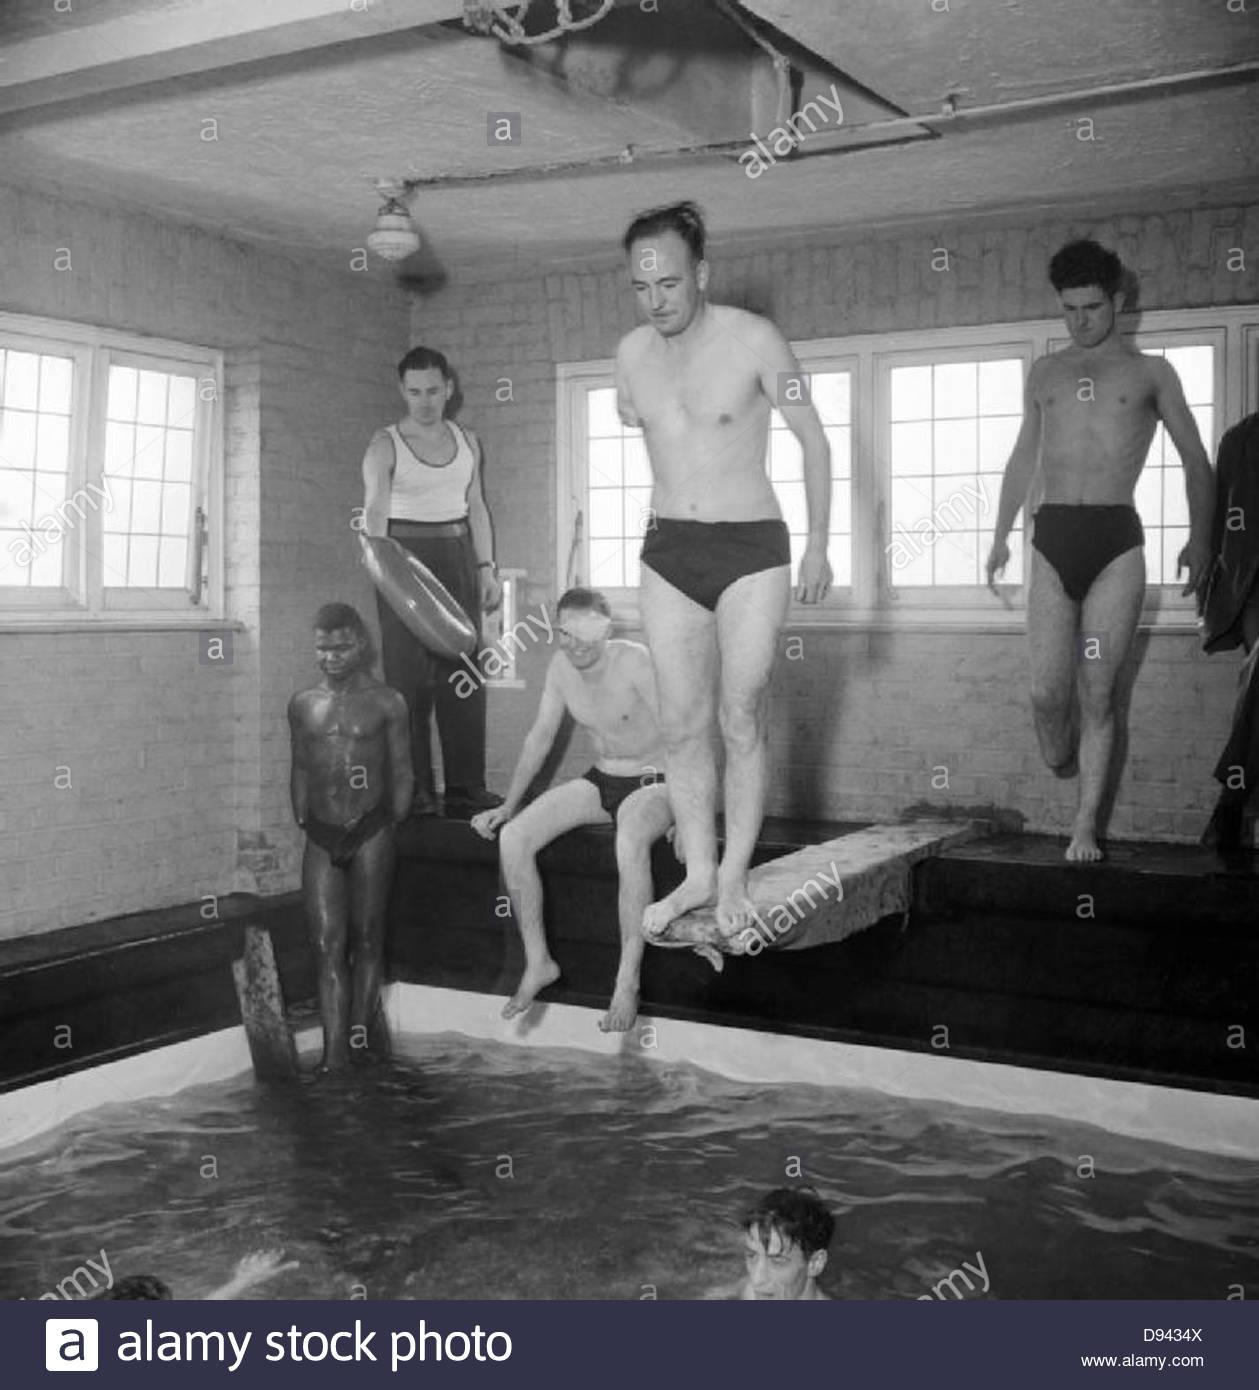 La riabilitazione - il lavoro di Queen Mary's Hospital, Roehampton, Londra, Inghilterra, Regno Unito, 1944 D18149 Immagini Stock